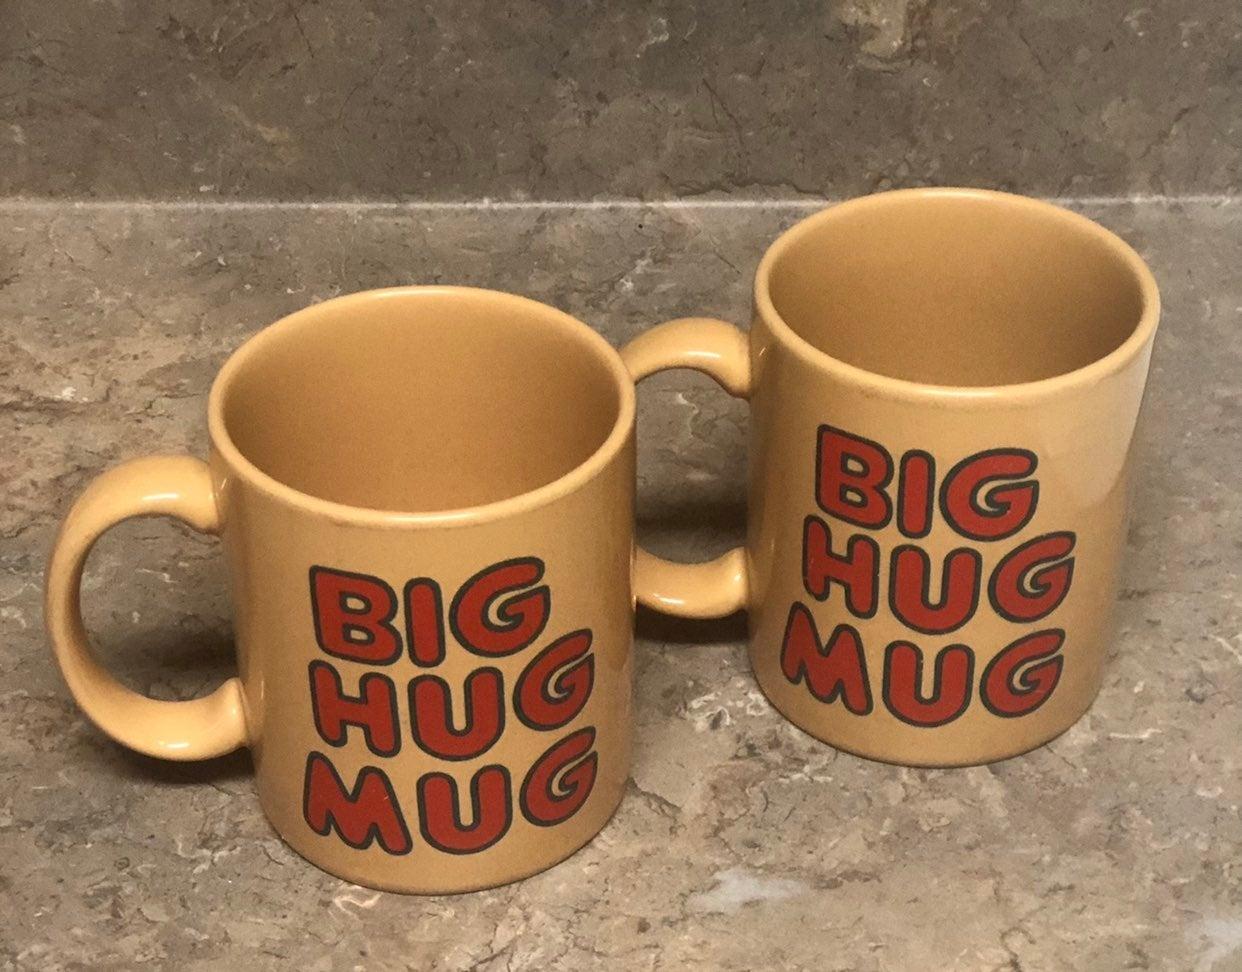 2 Vintage Big Hug Mugs